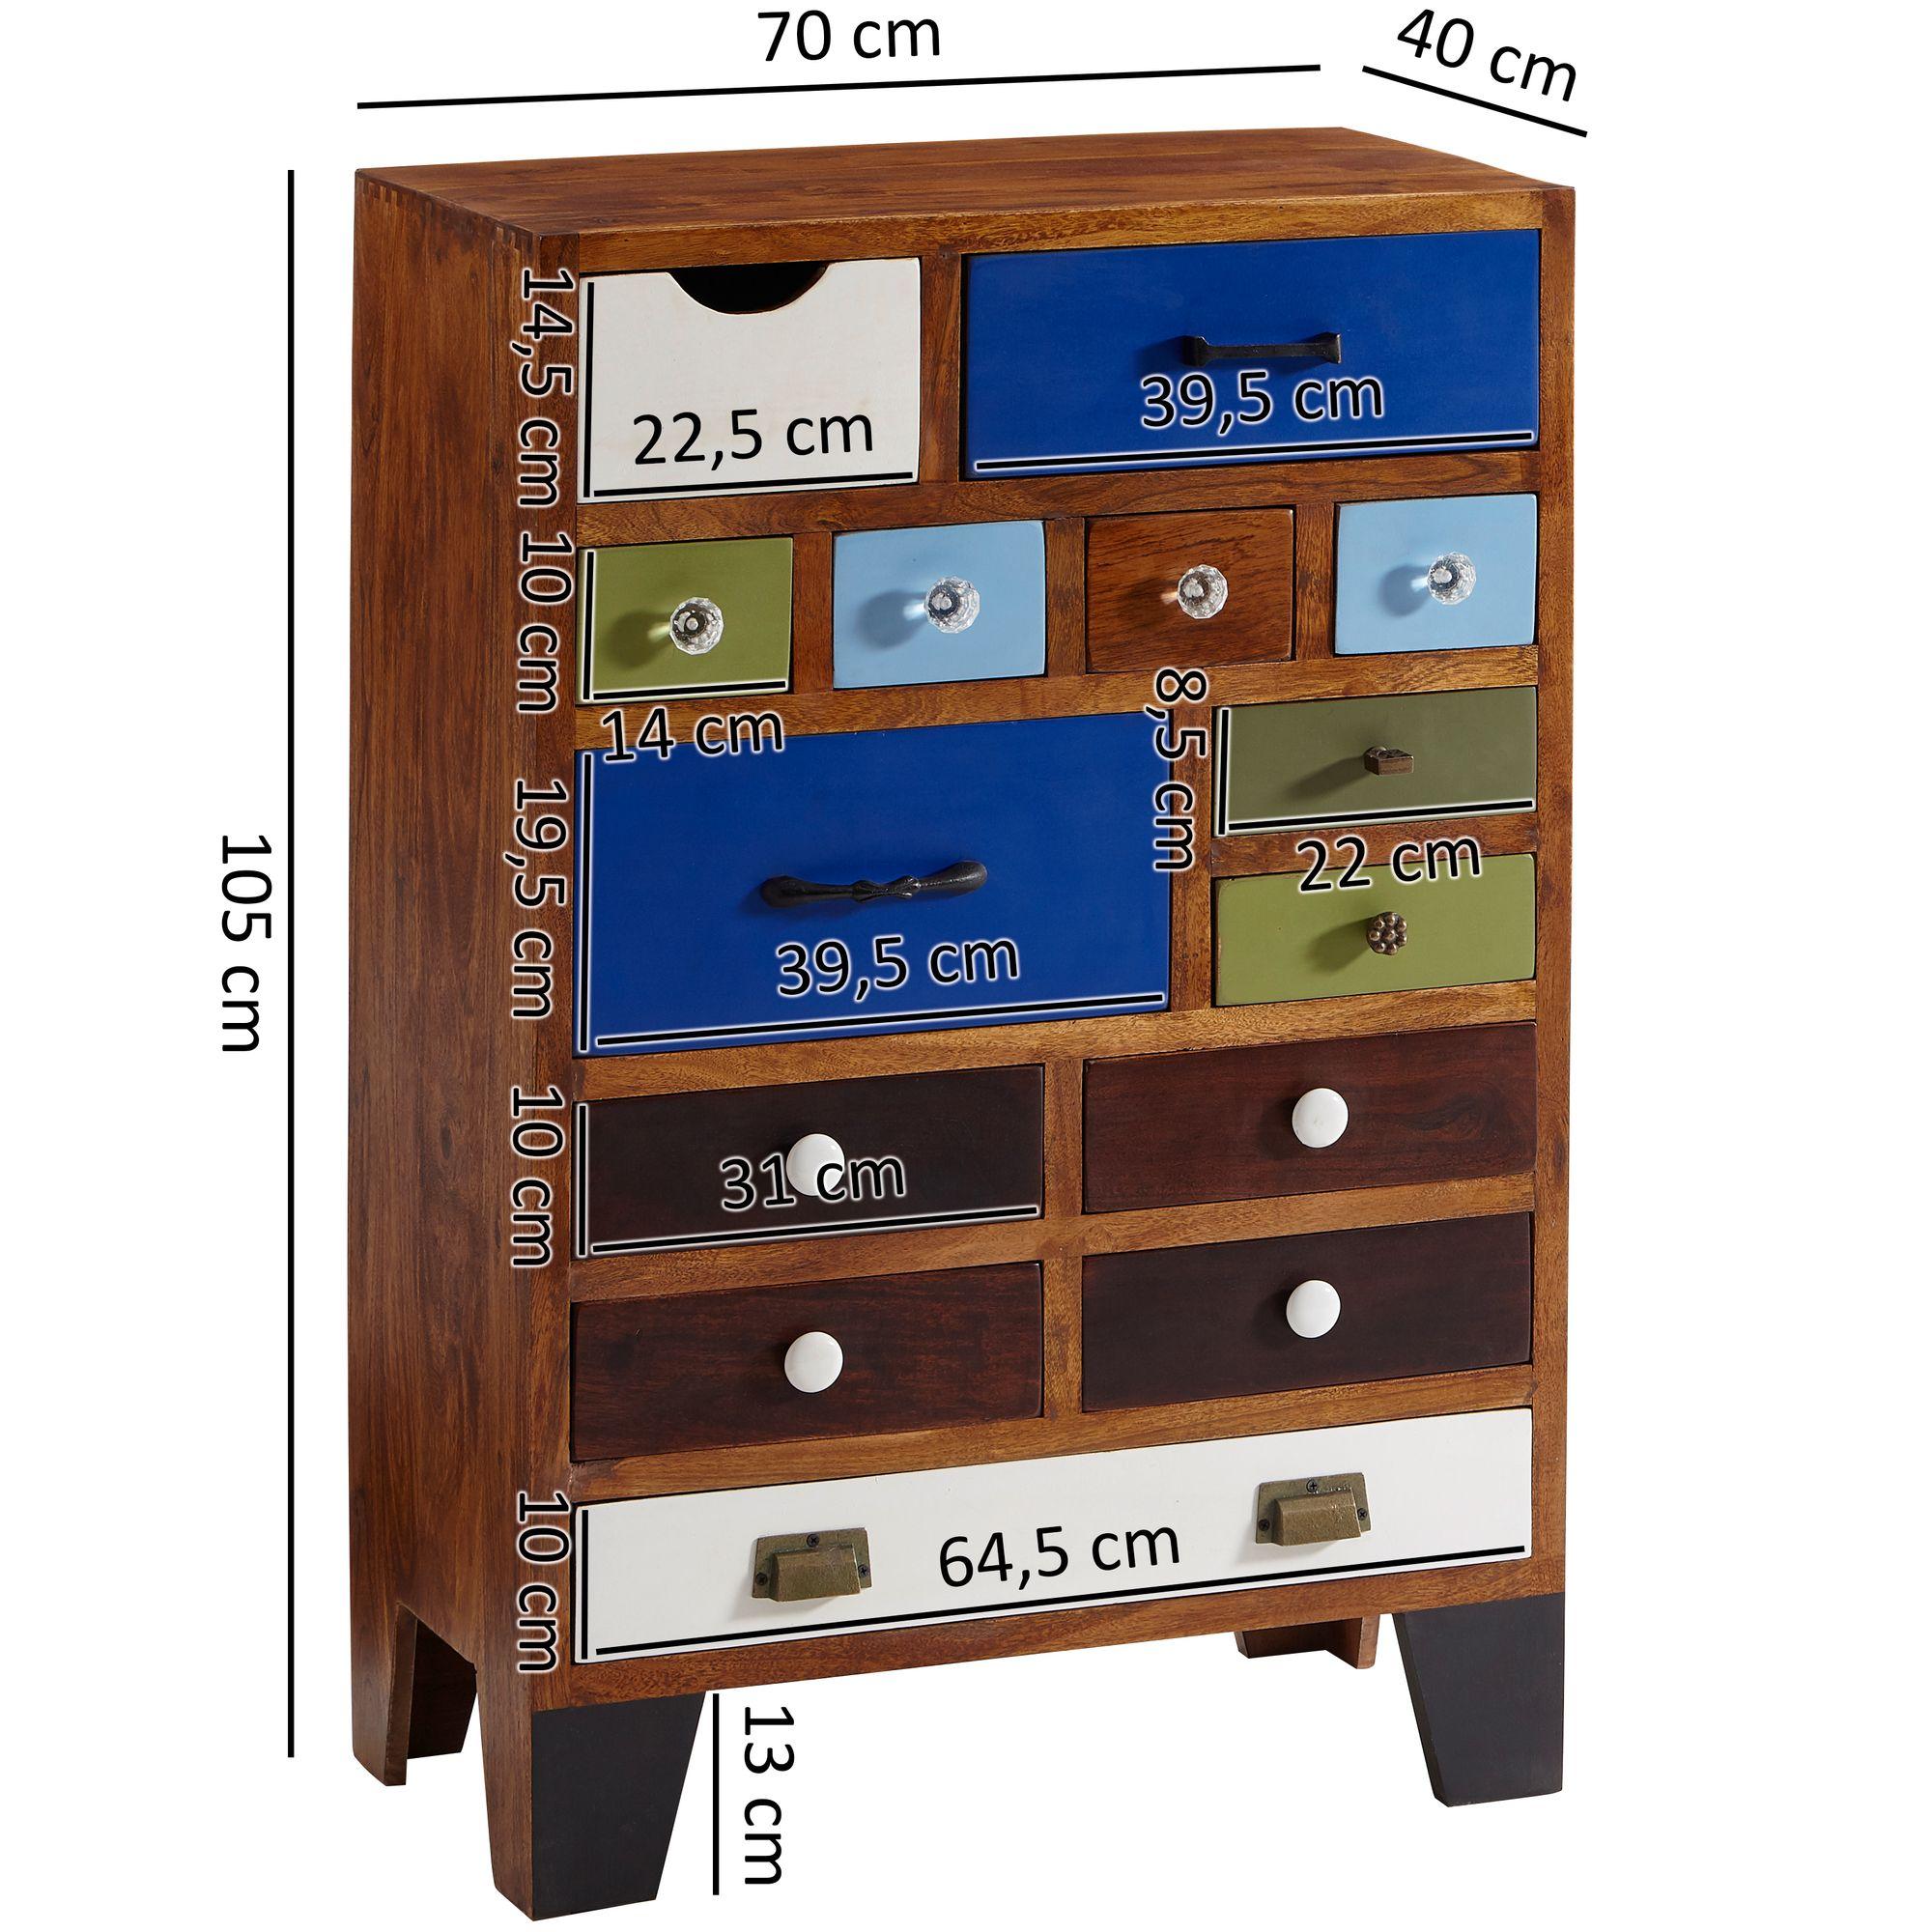 Sideboard 70x105x40cm Kommode Akazie Massiv Schubladenschrank